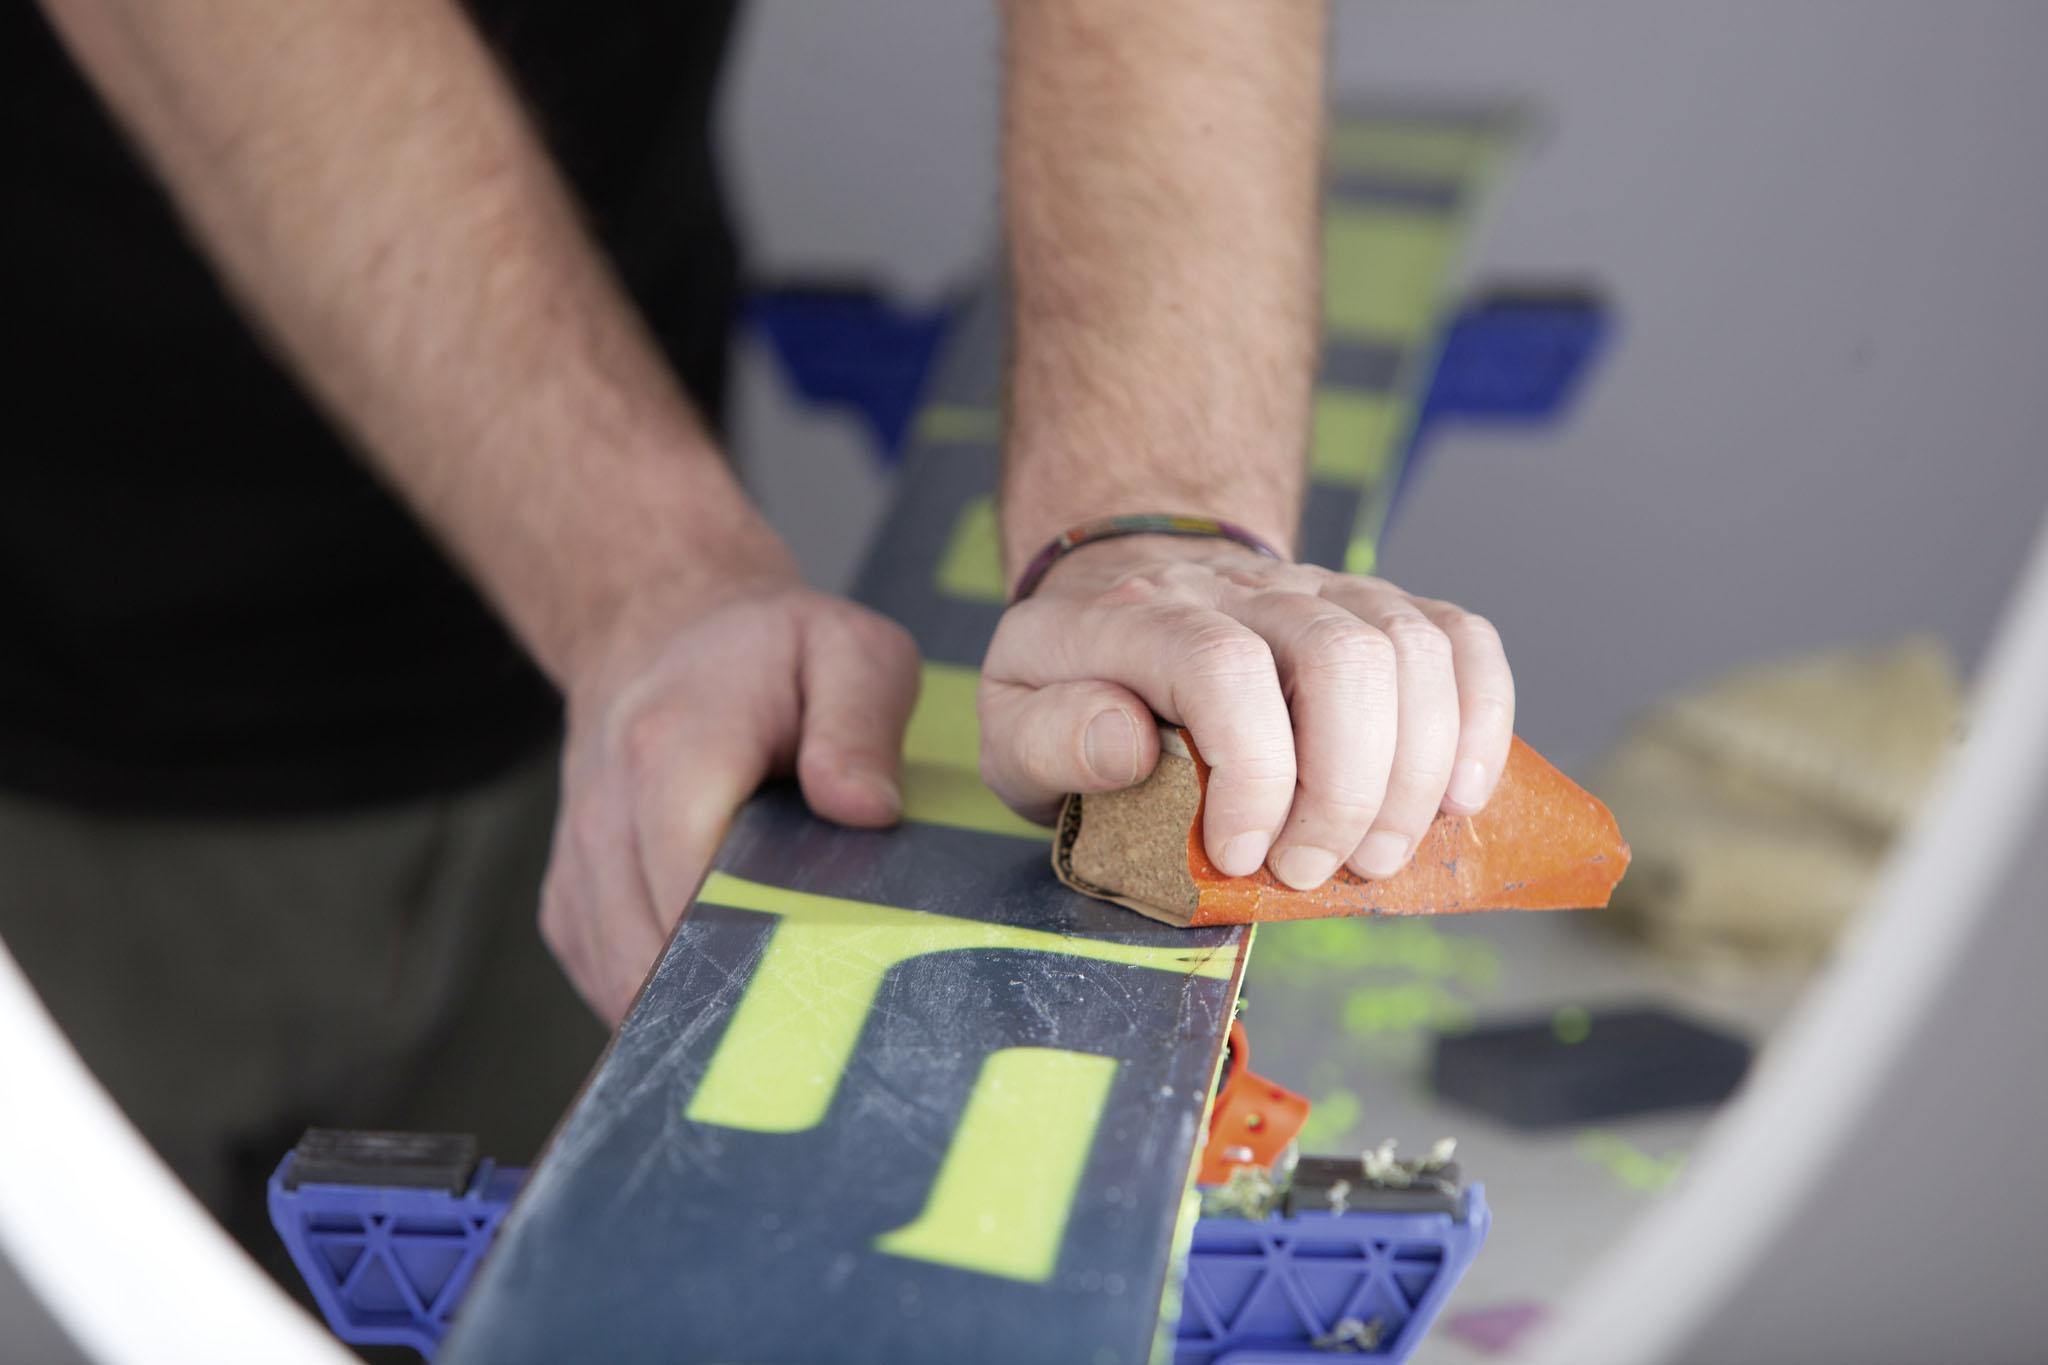 Der letzte Schritt vor dem eigentlichen Wachsen: Mit dem Einsatz von Schleifpapier beseitigt ihr kleinere Kratzer und sorgt gleichzeitig dafür, dass das Wachs einfacher in die Poren des Skis fließen kann.